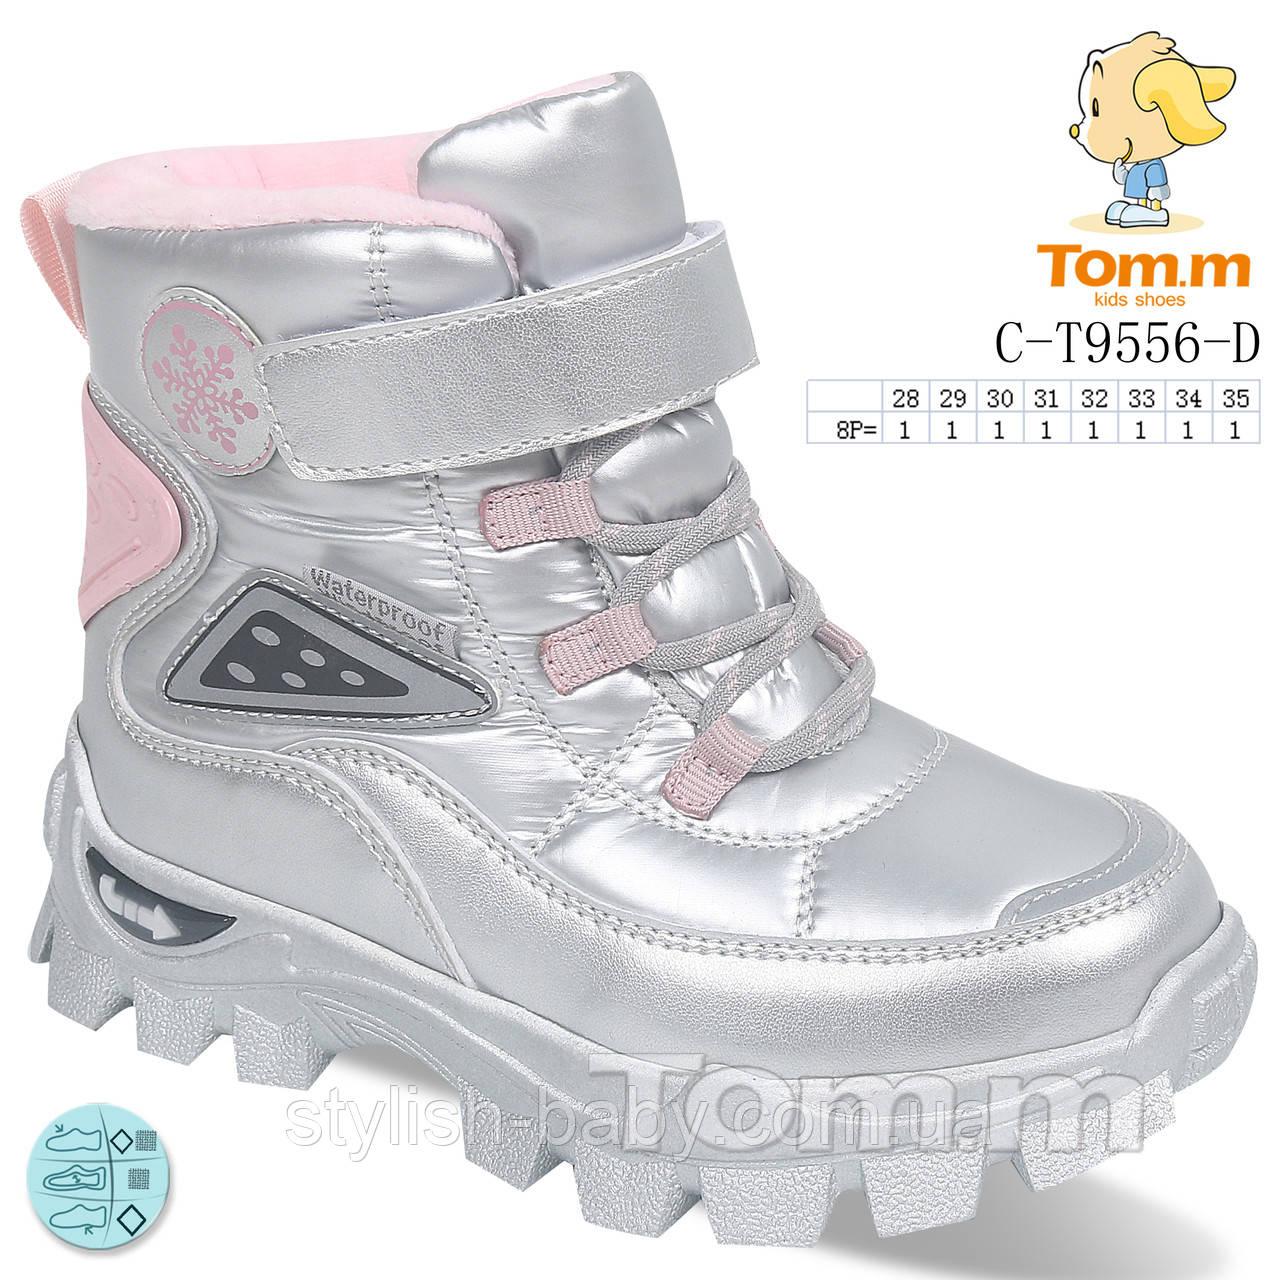 Детская обувь оптом. Детская зимняя обувь 2021 бренда Tom.m для девочек (рр. с 28 по 35)